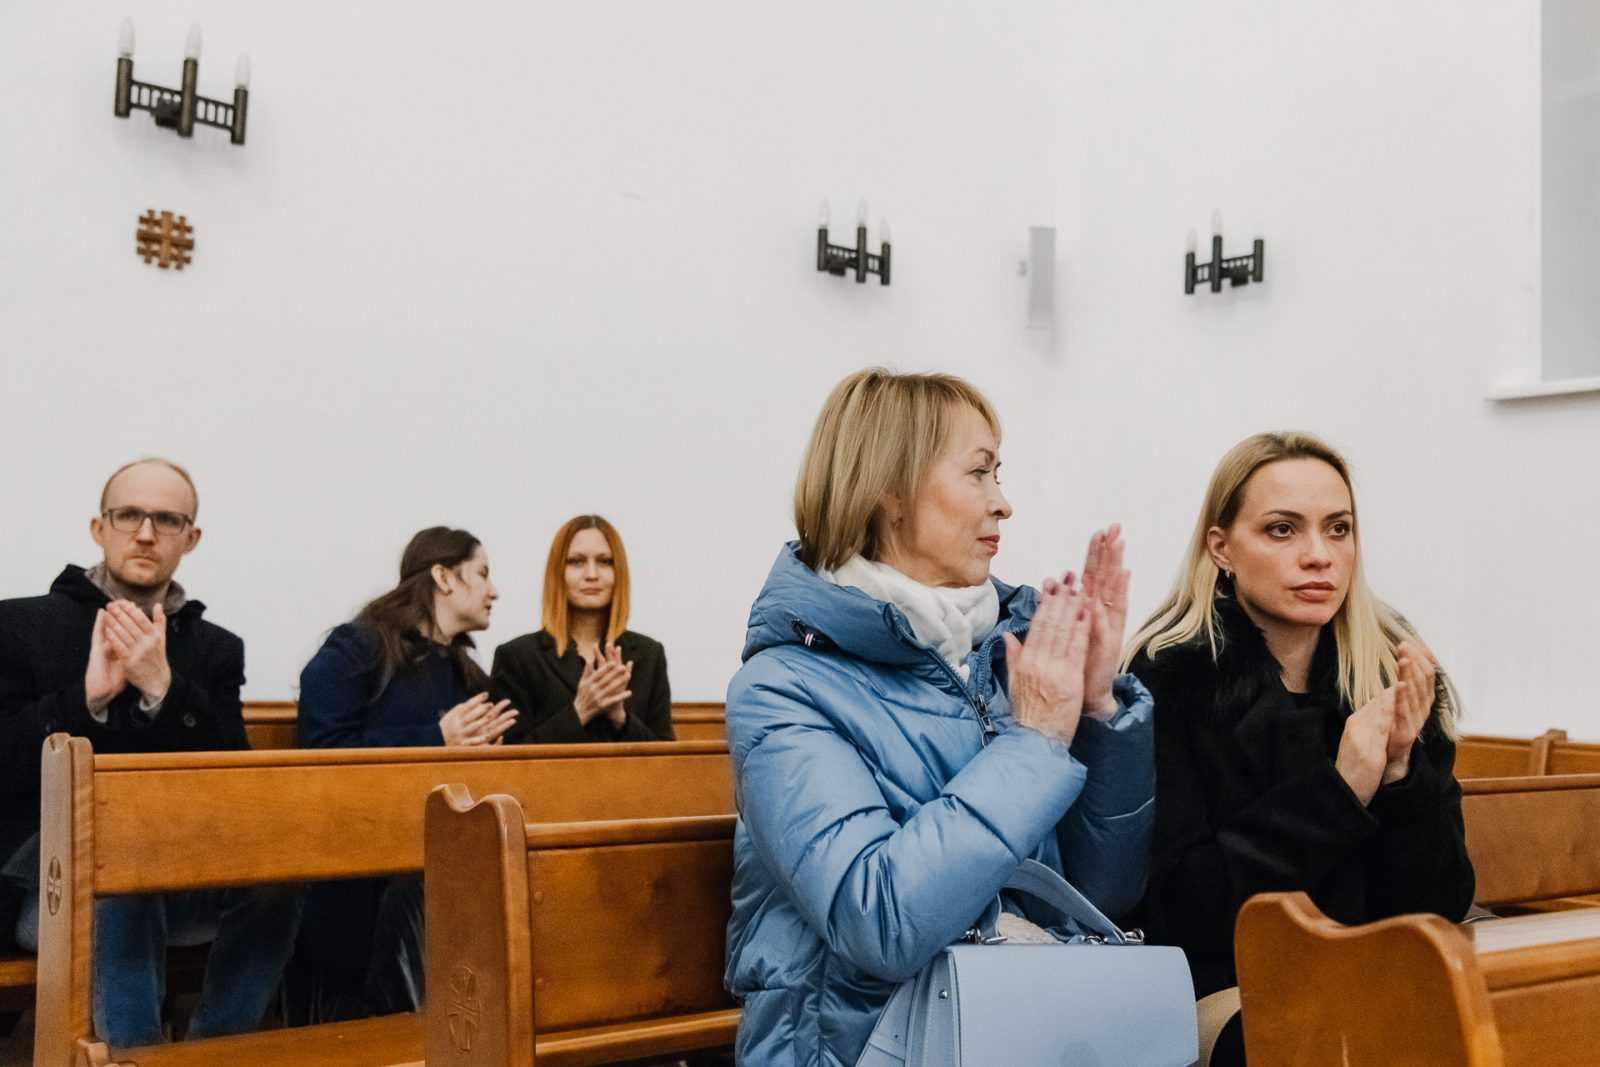 Музыка в храме КОНЦЕРТ «МАСТЕРА БАРОККО» 26.10.2019 33